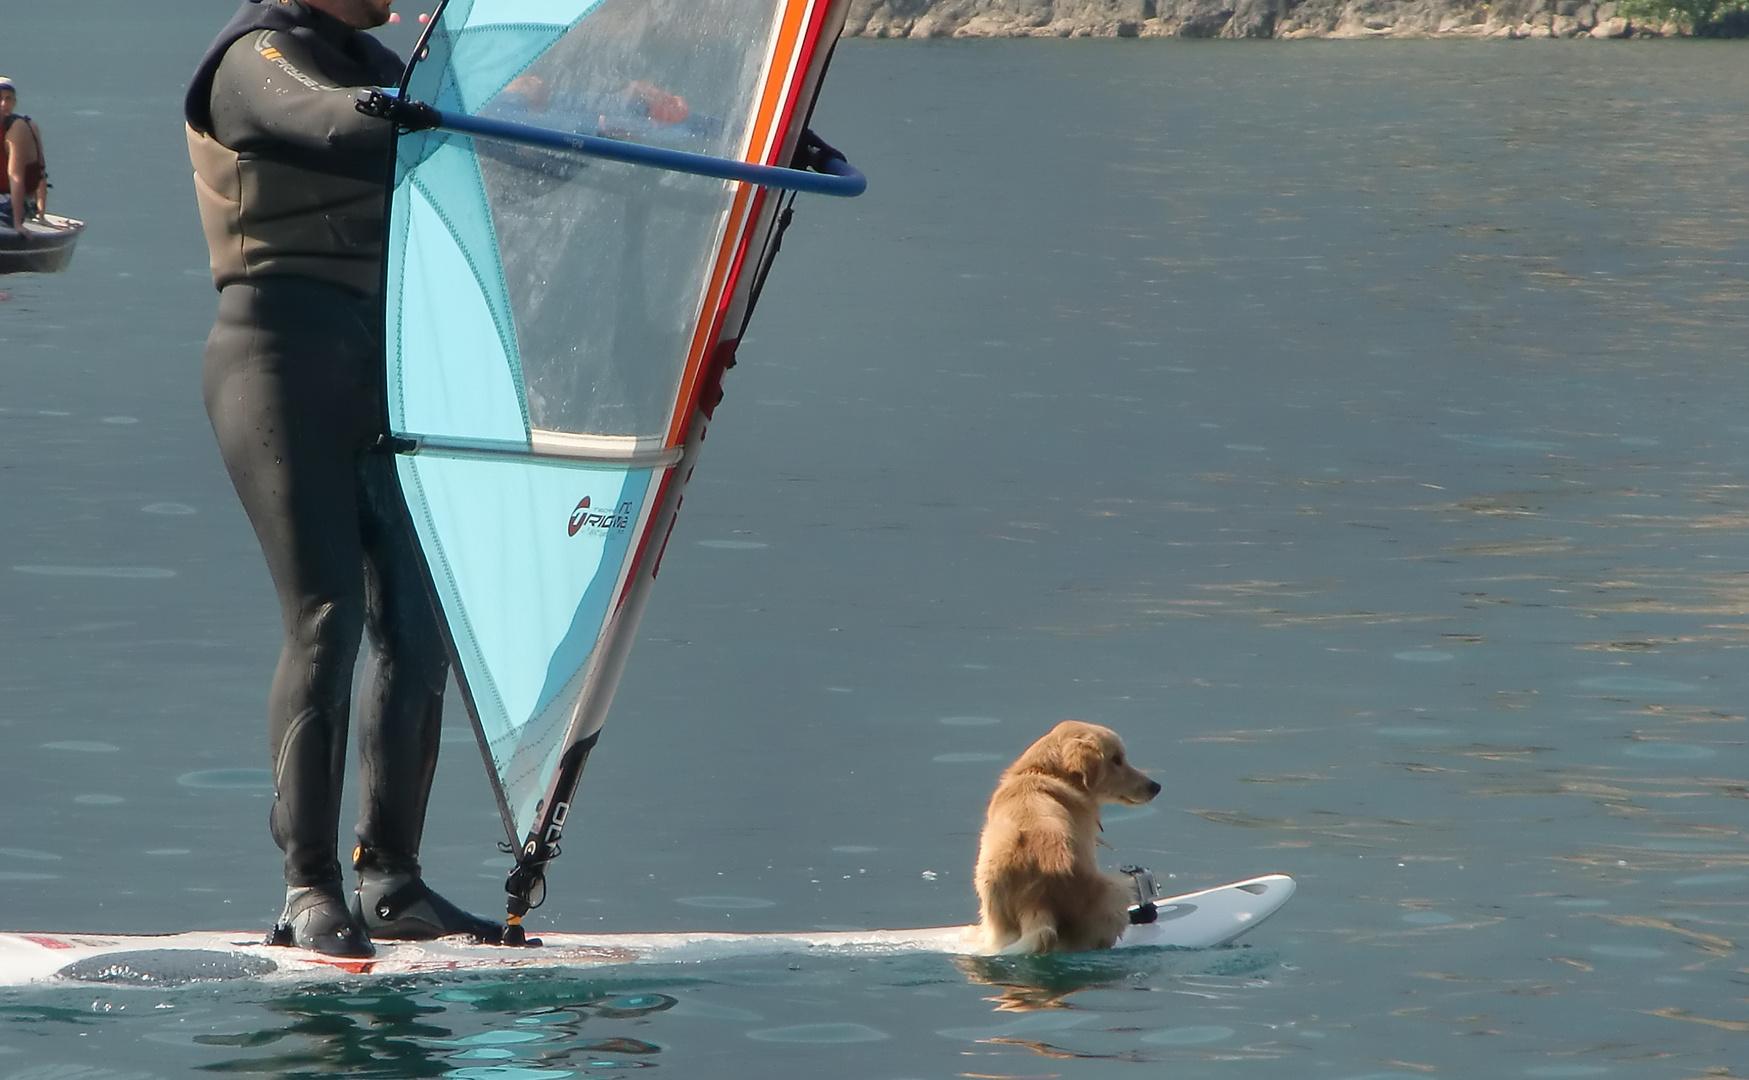 Zum Schmunzeln - Surfpartner am Gardasee gesehen